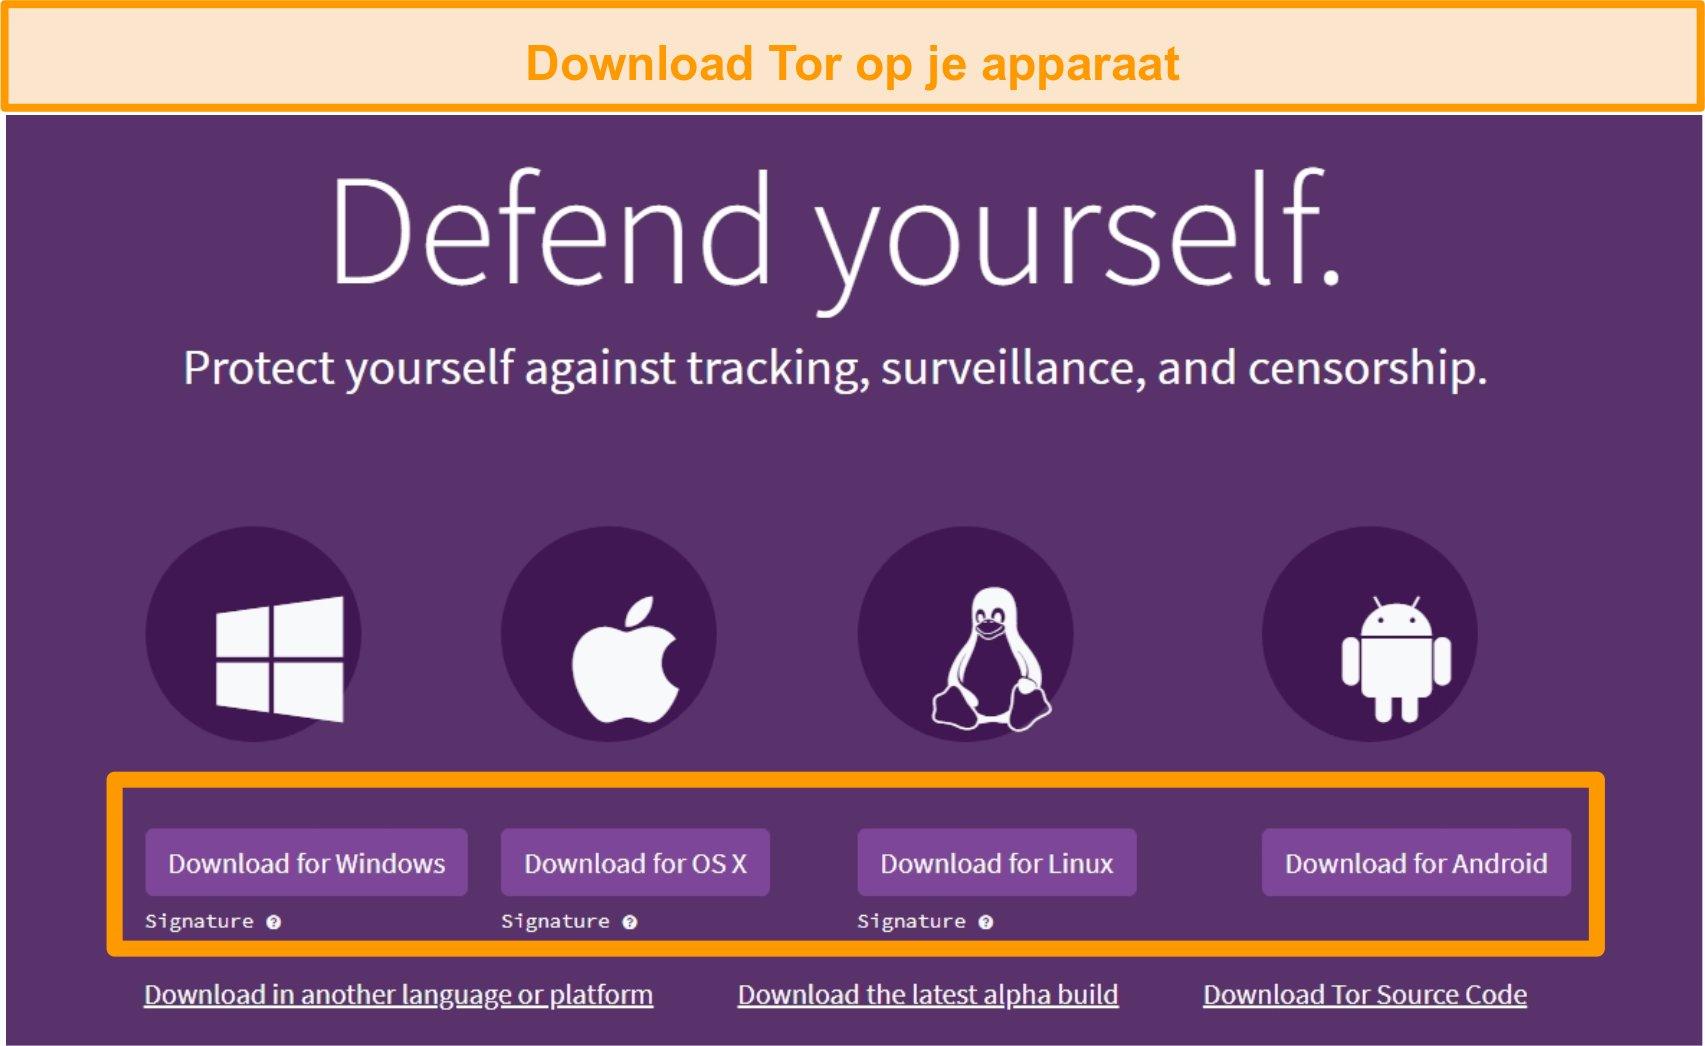 Schermafbeelding van het overzicht van de downloadpagina van het Tor-project